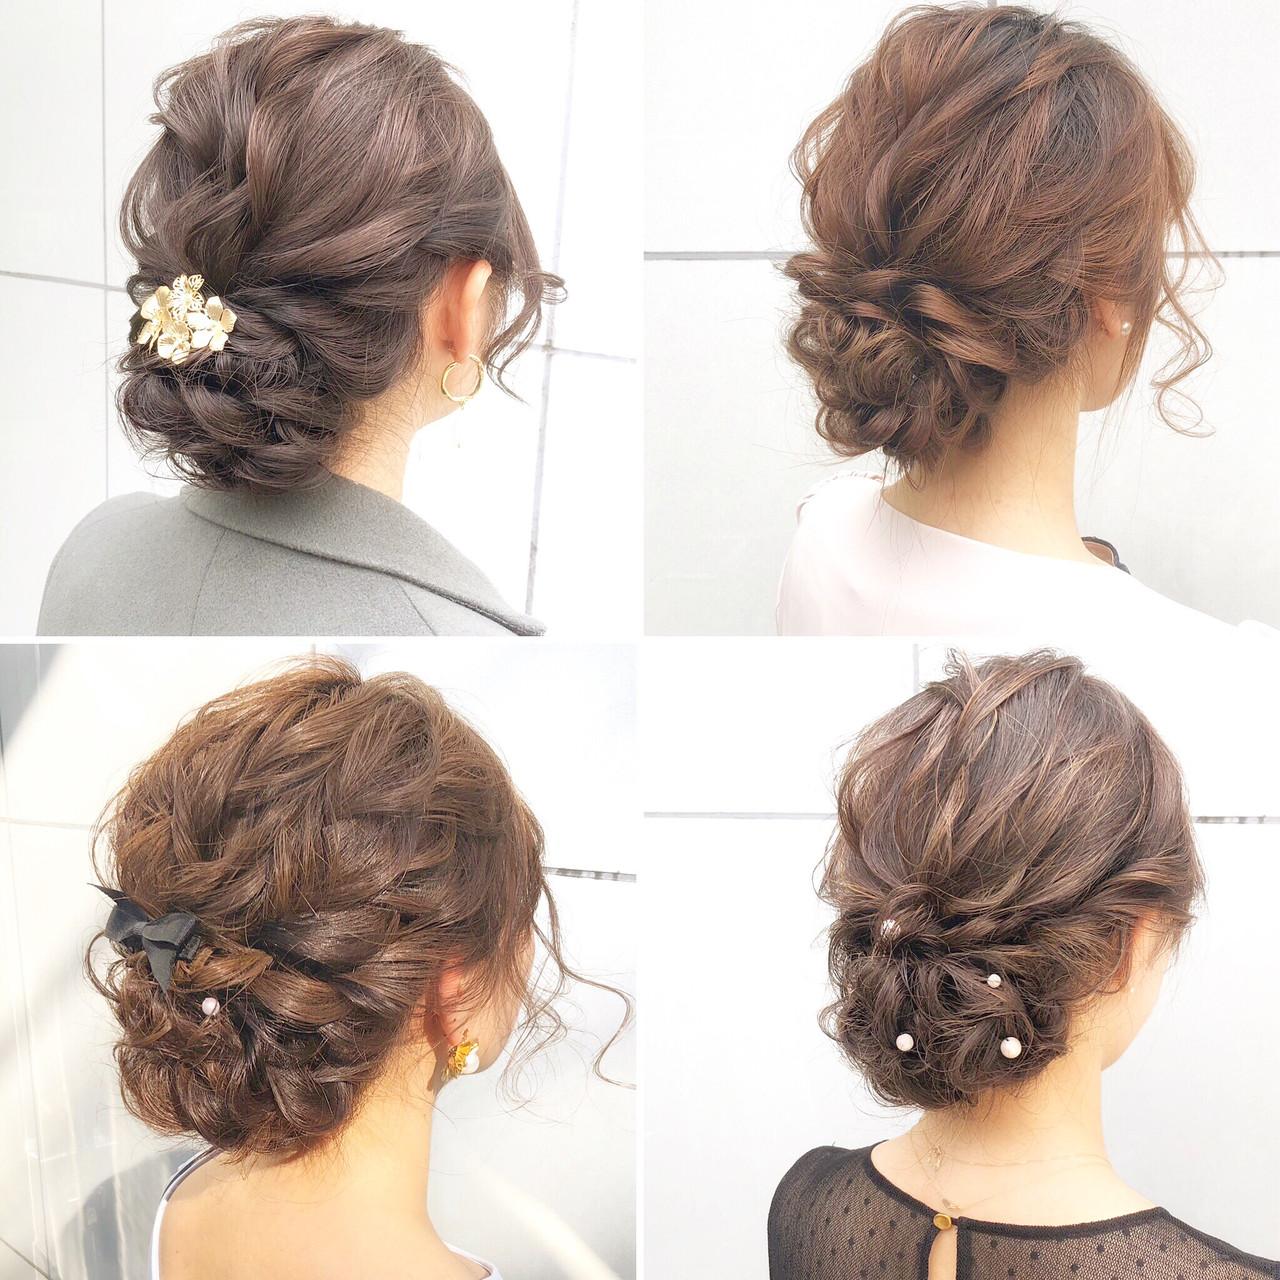 ナチュラル 結婚式 ヘアアレンジ オフィス ヘアスタイルや髪型の写真・画像